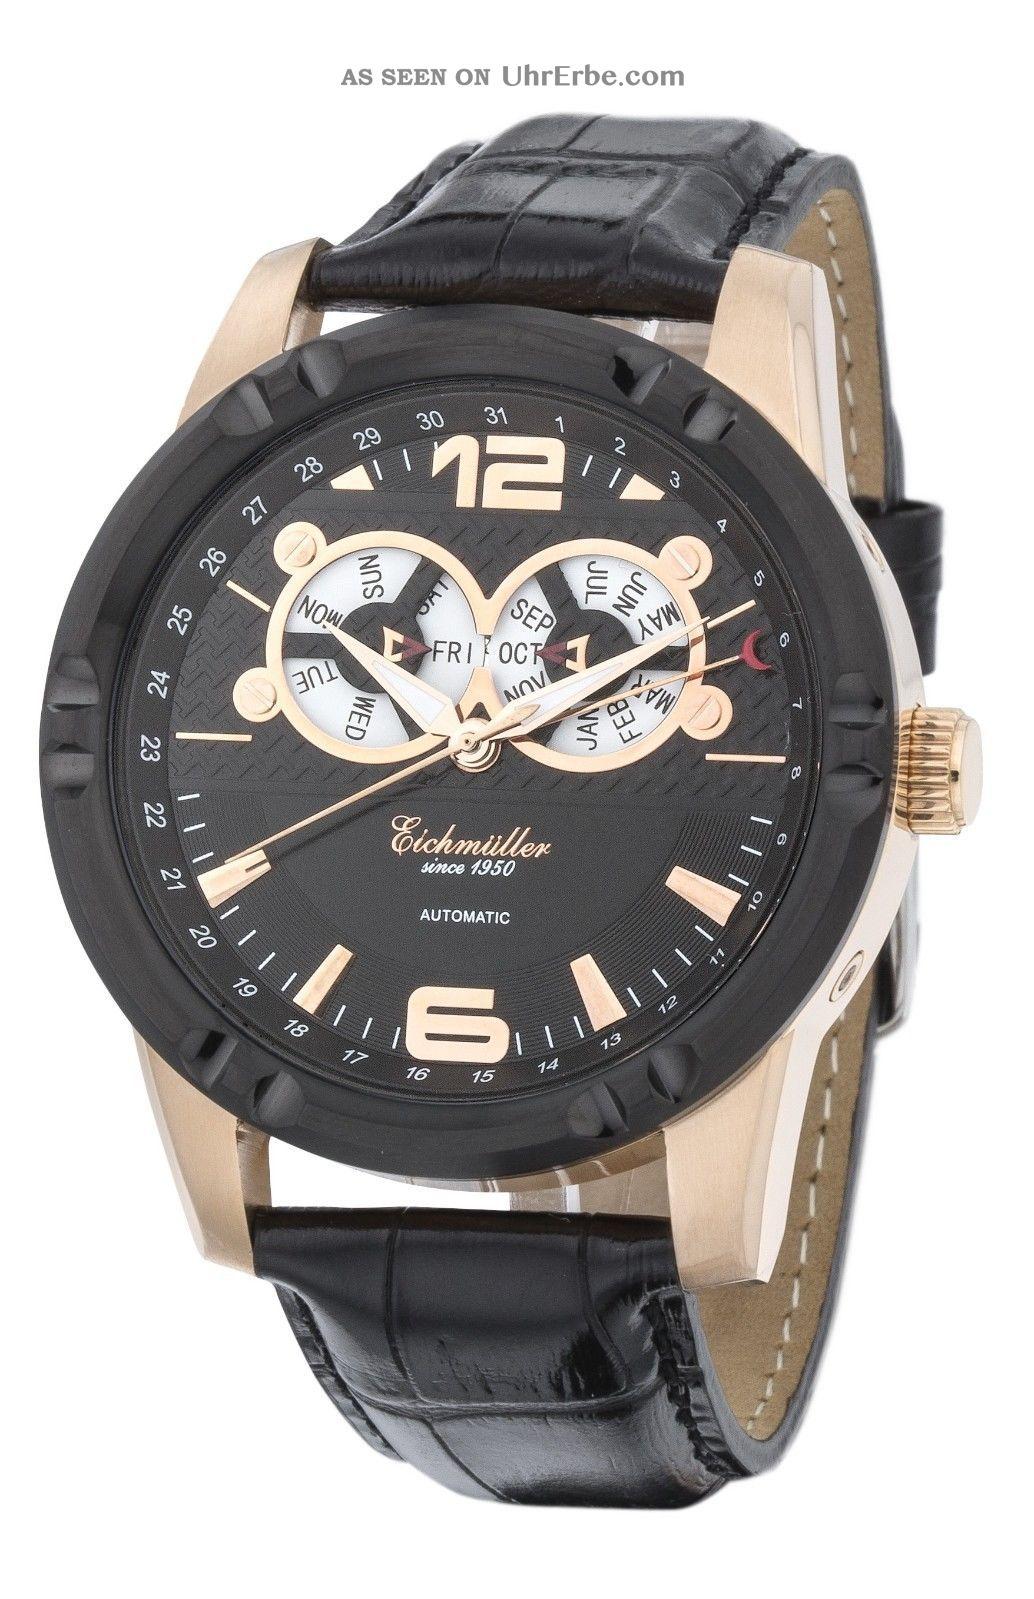 Moderne EichmÜller Automatikuhr 7859 Herrenuhr Business Uhr Edelstahl Ip - Rosé Armbanduhren Bild